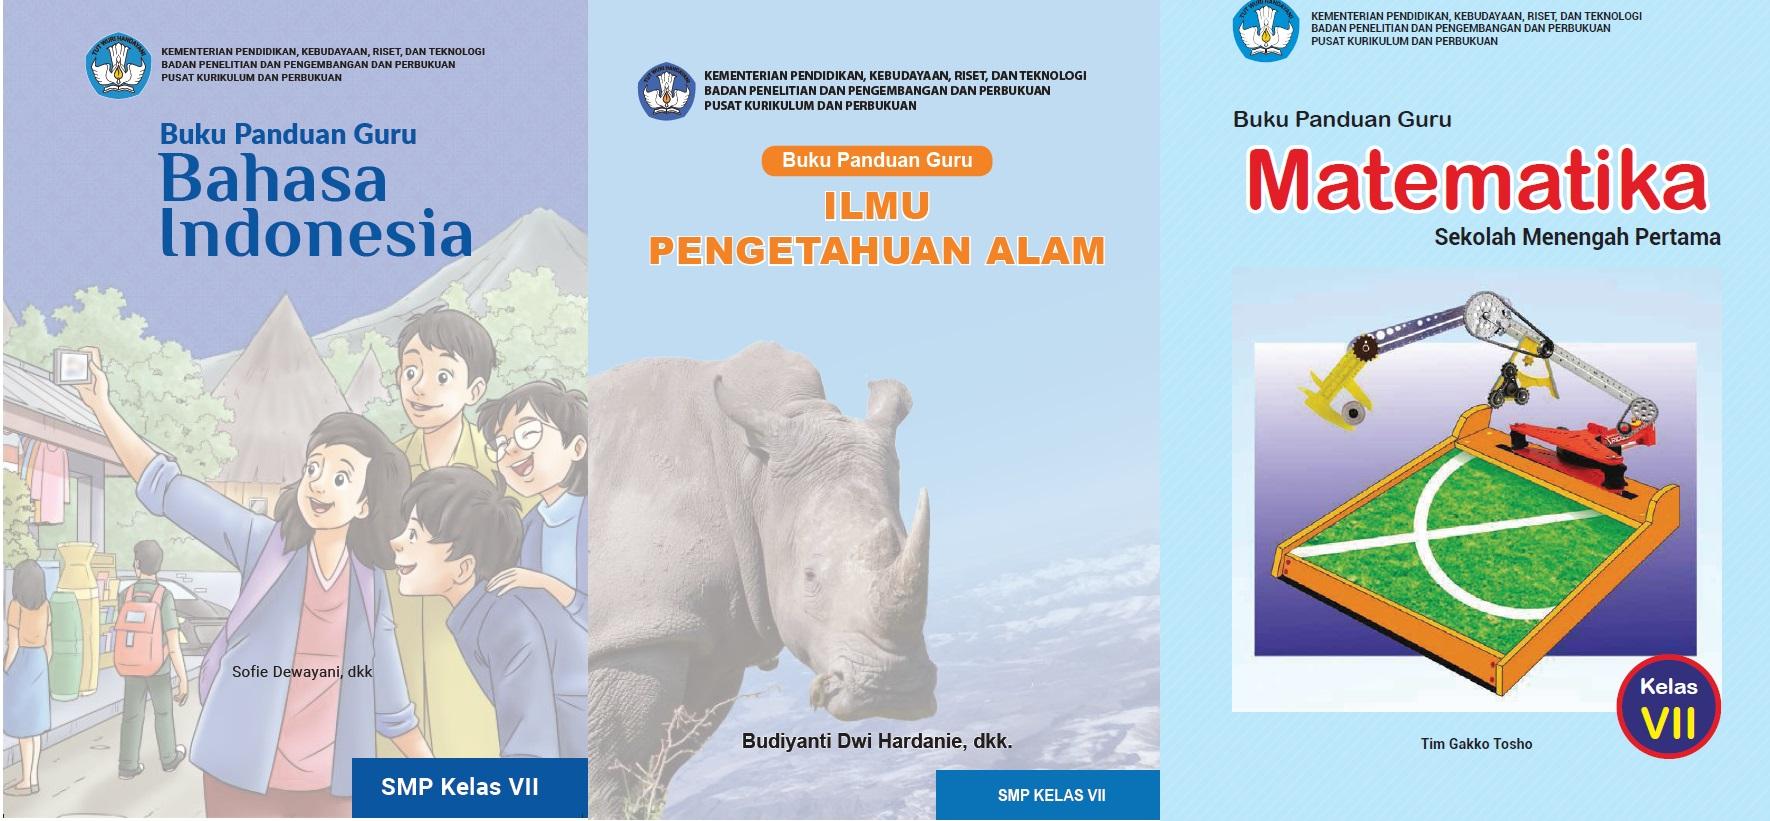 Download Buku Guru dan Buku Siswa Satuan Pendidikan Sekolah Menengah Pertama (SMP) Kelas VII (Tujuh) Sekolah Penggerak